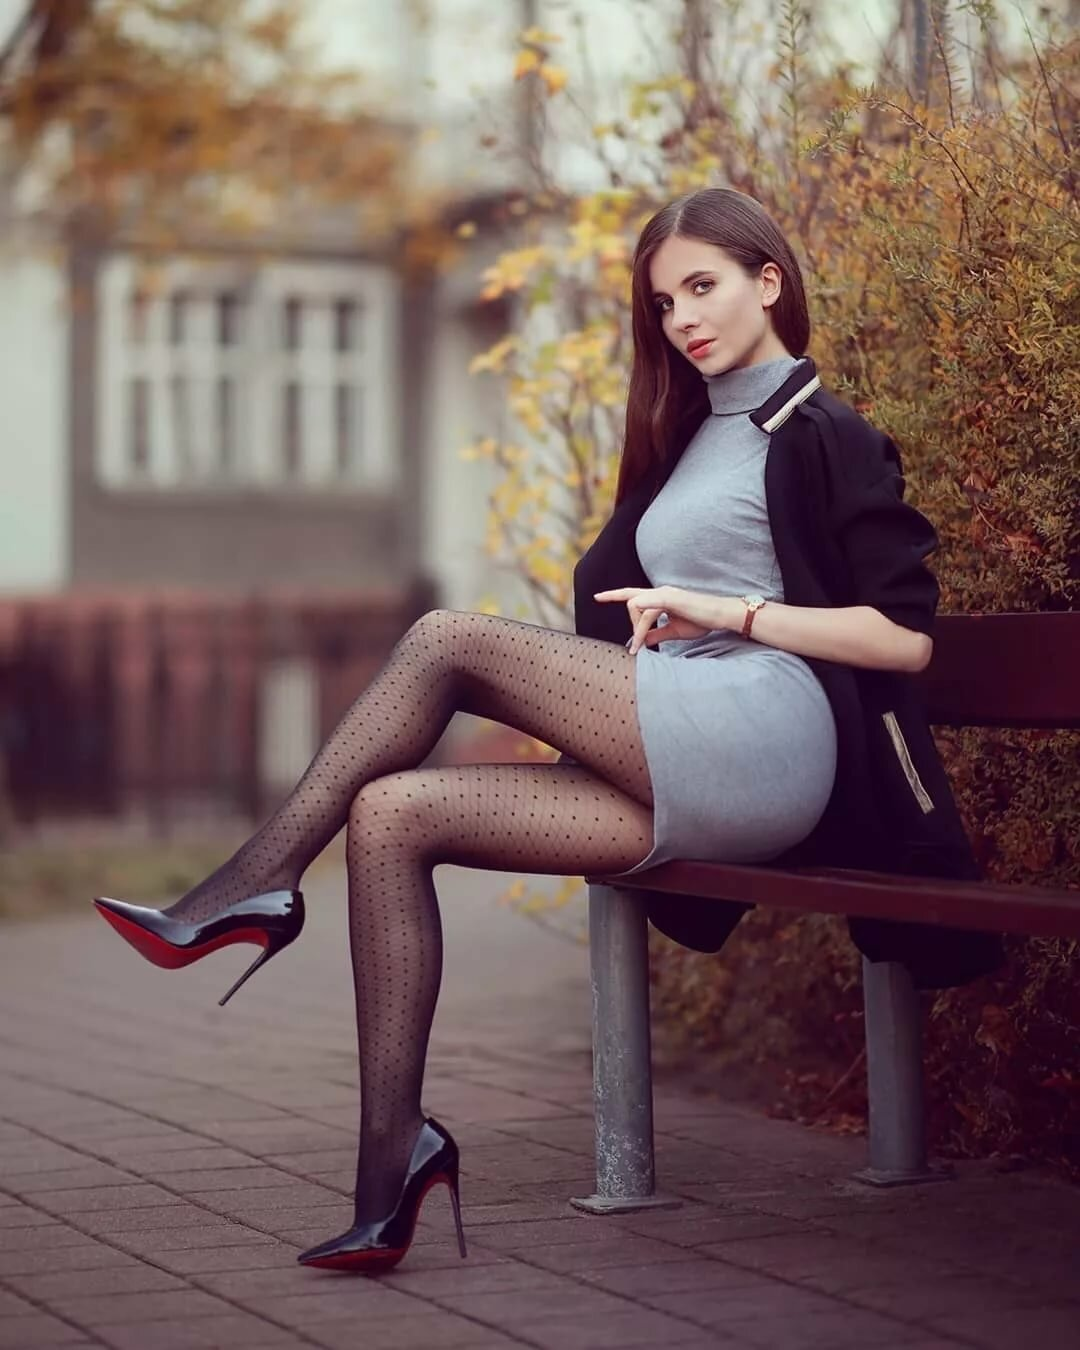 Шикарные девушки в черных колготках: им тепло, нам - приятно ;) 8